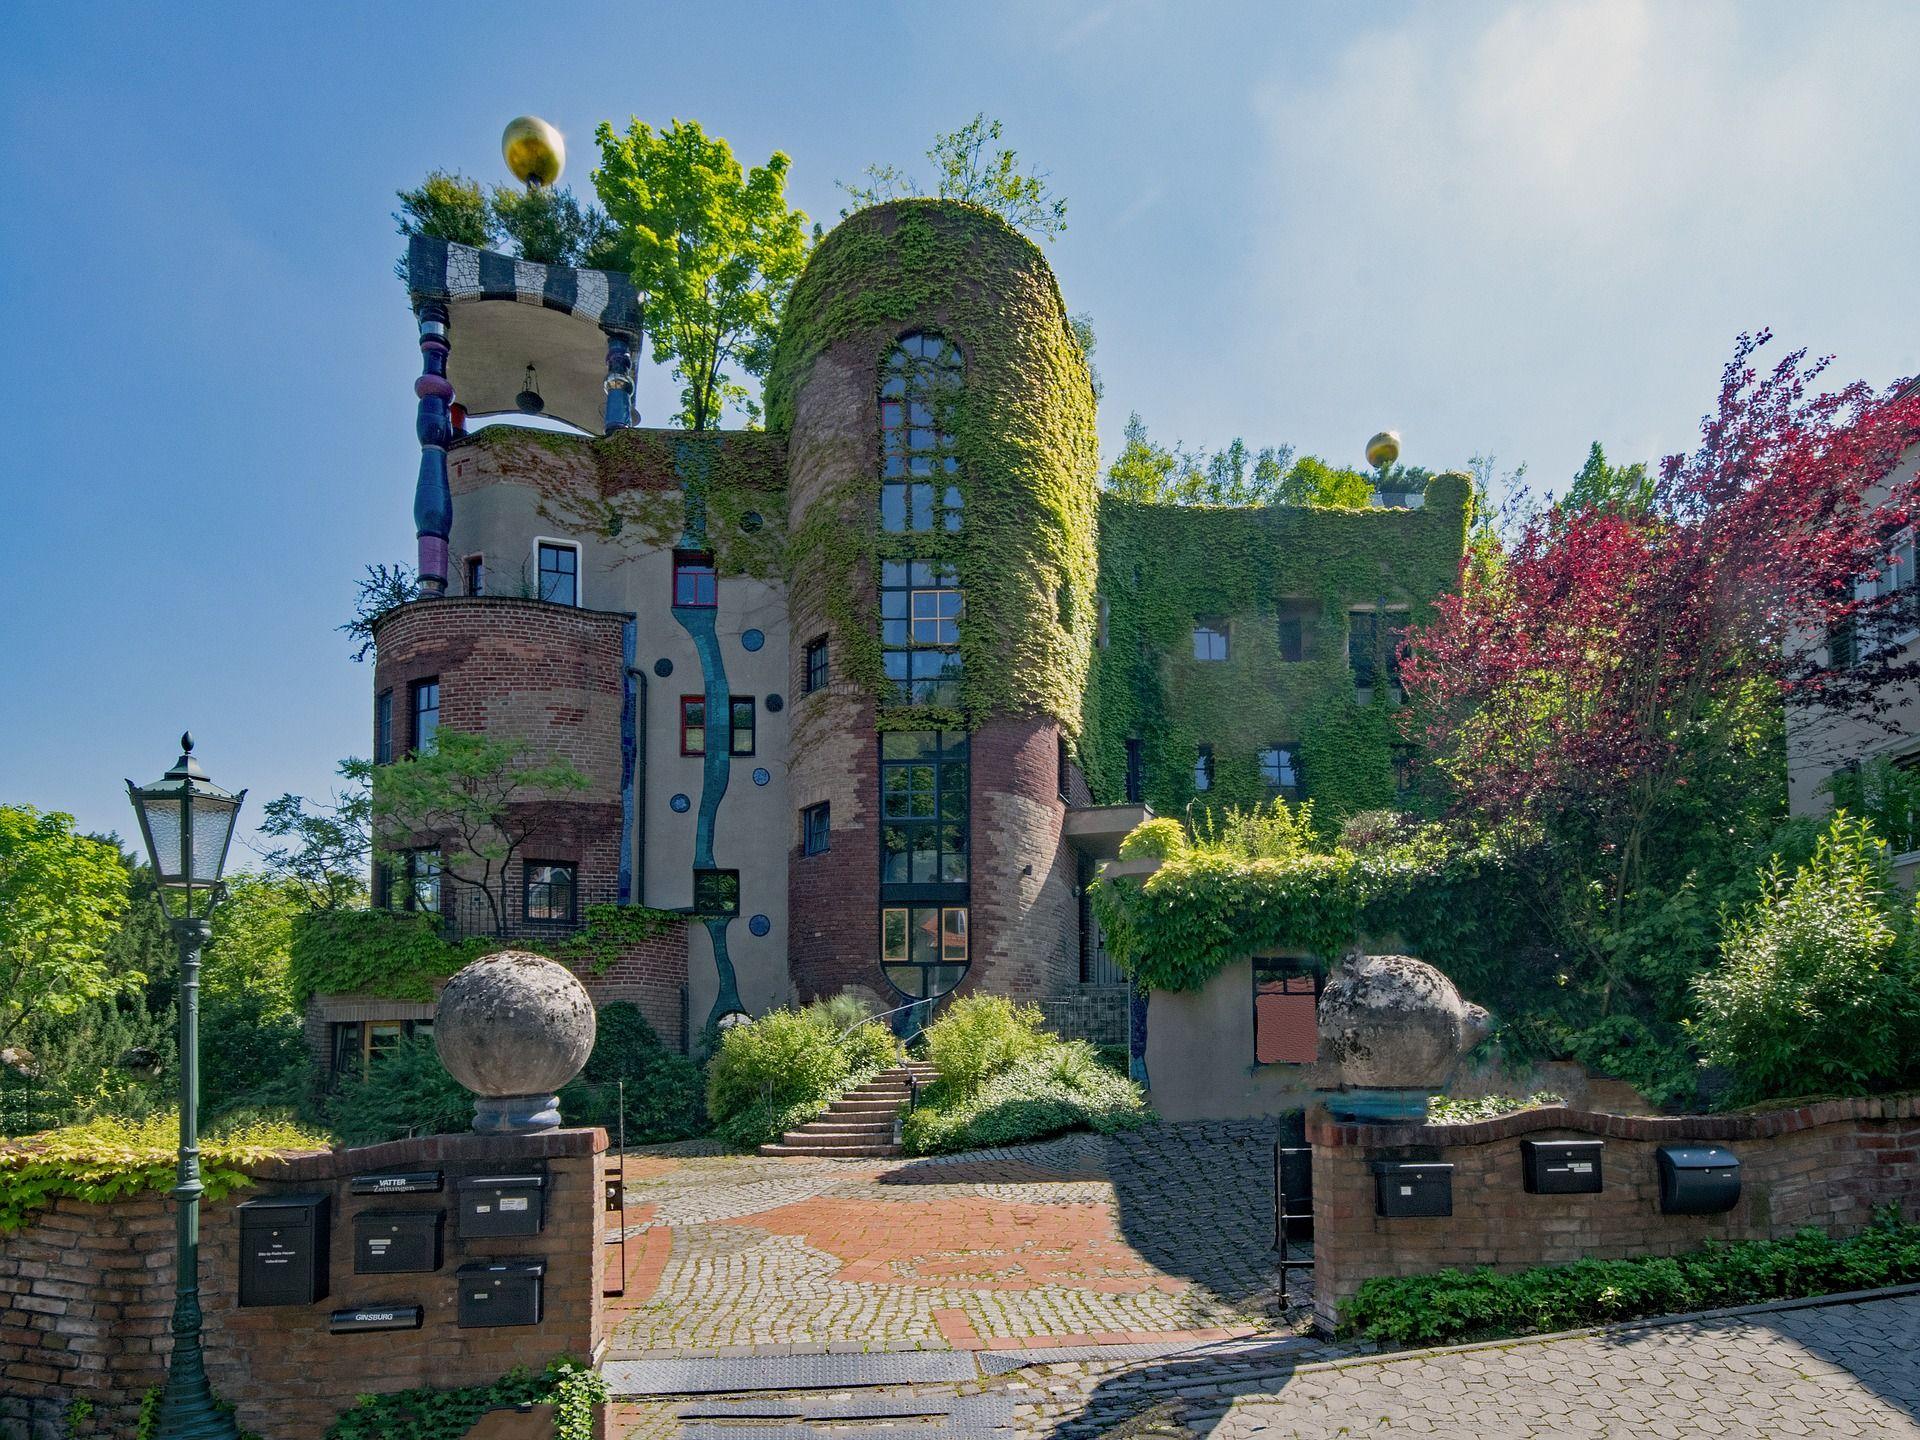 Taunus Hesse Bad Soden Germany Hundertwasser House